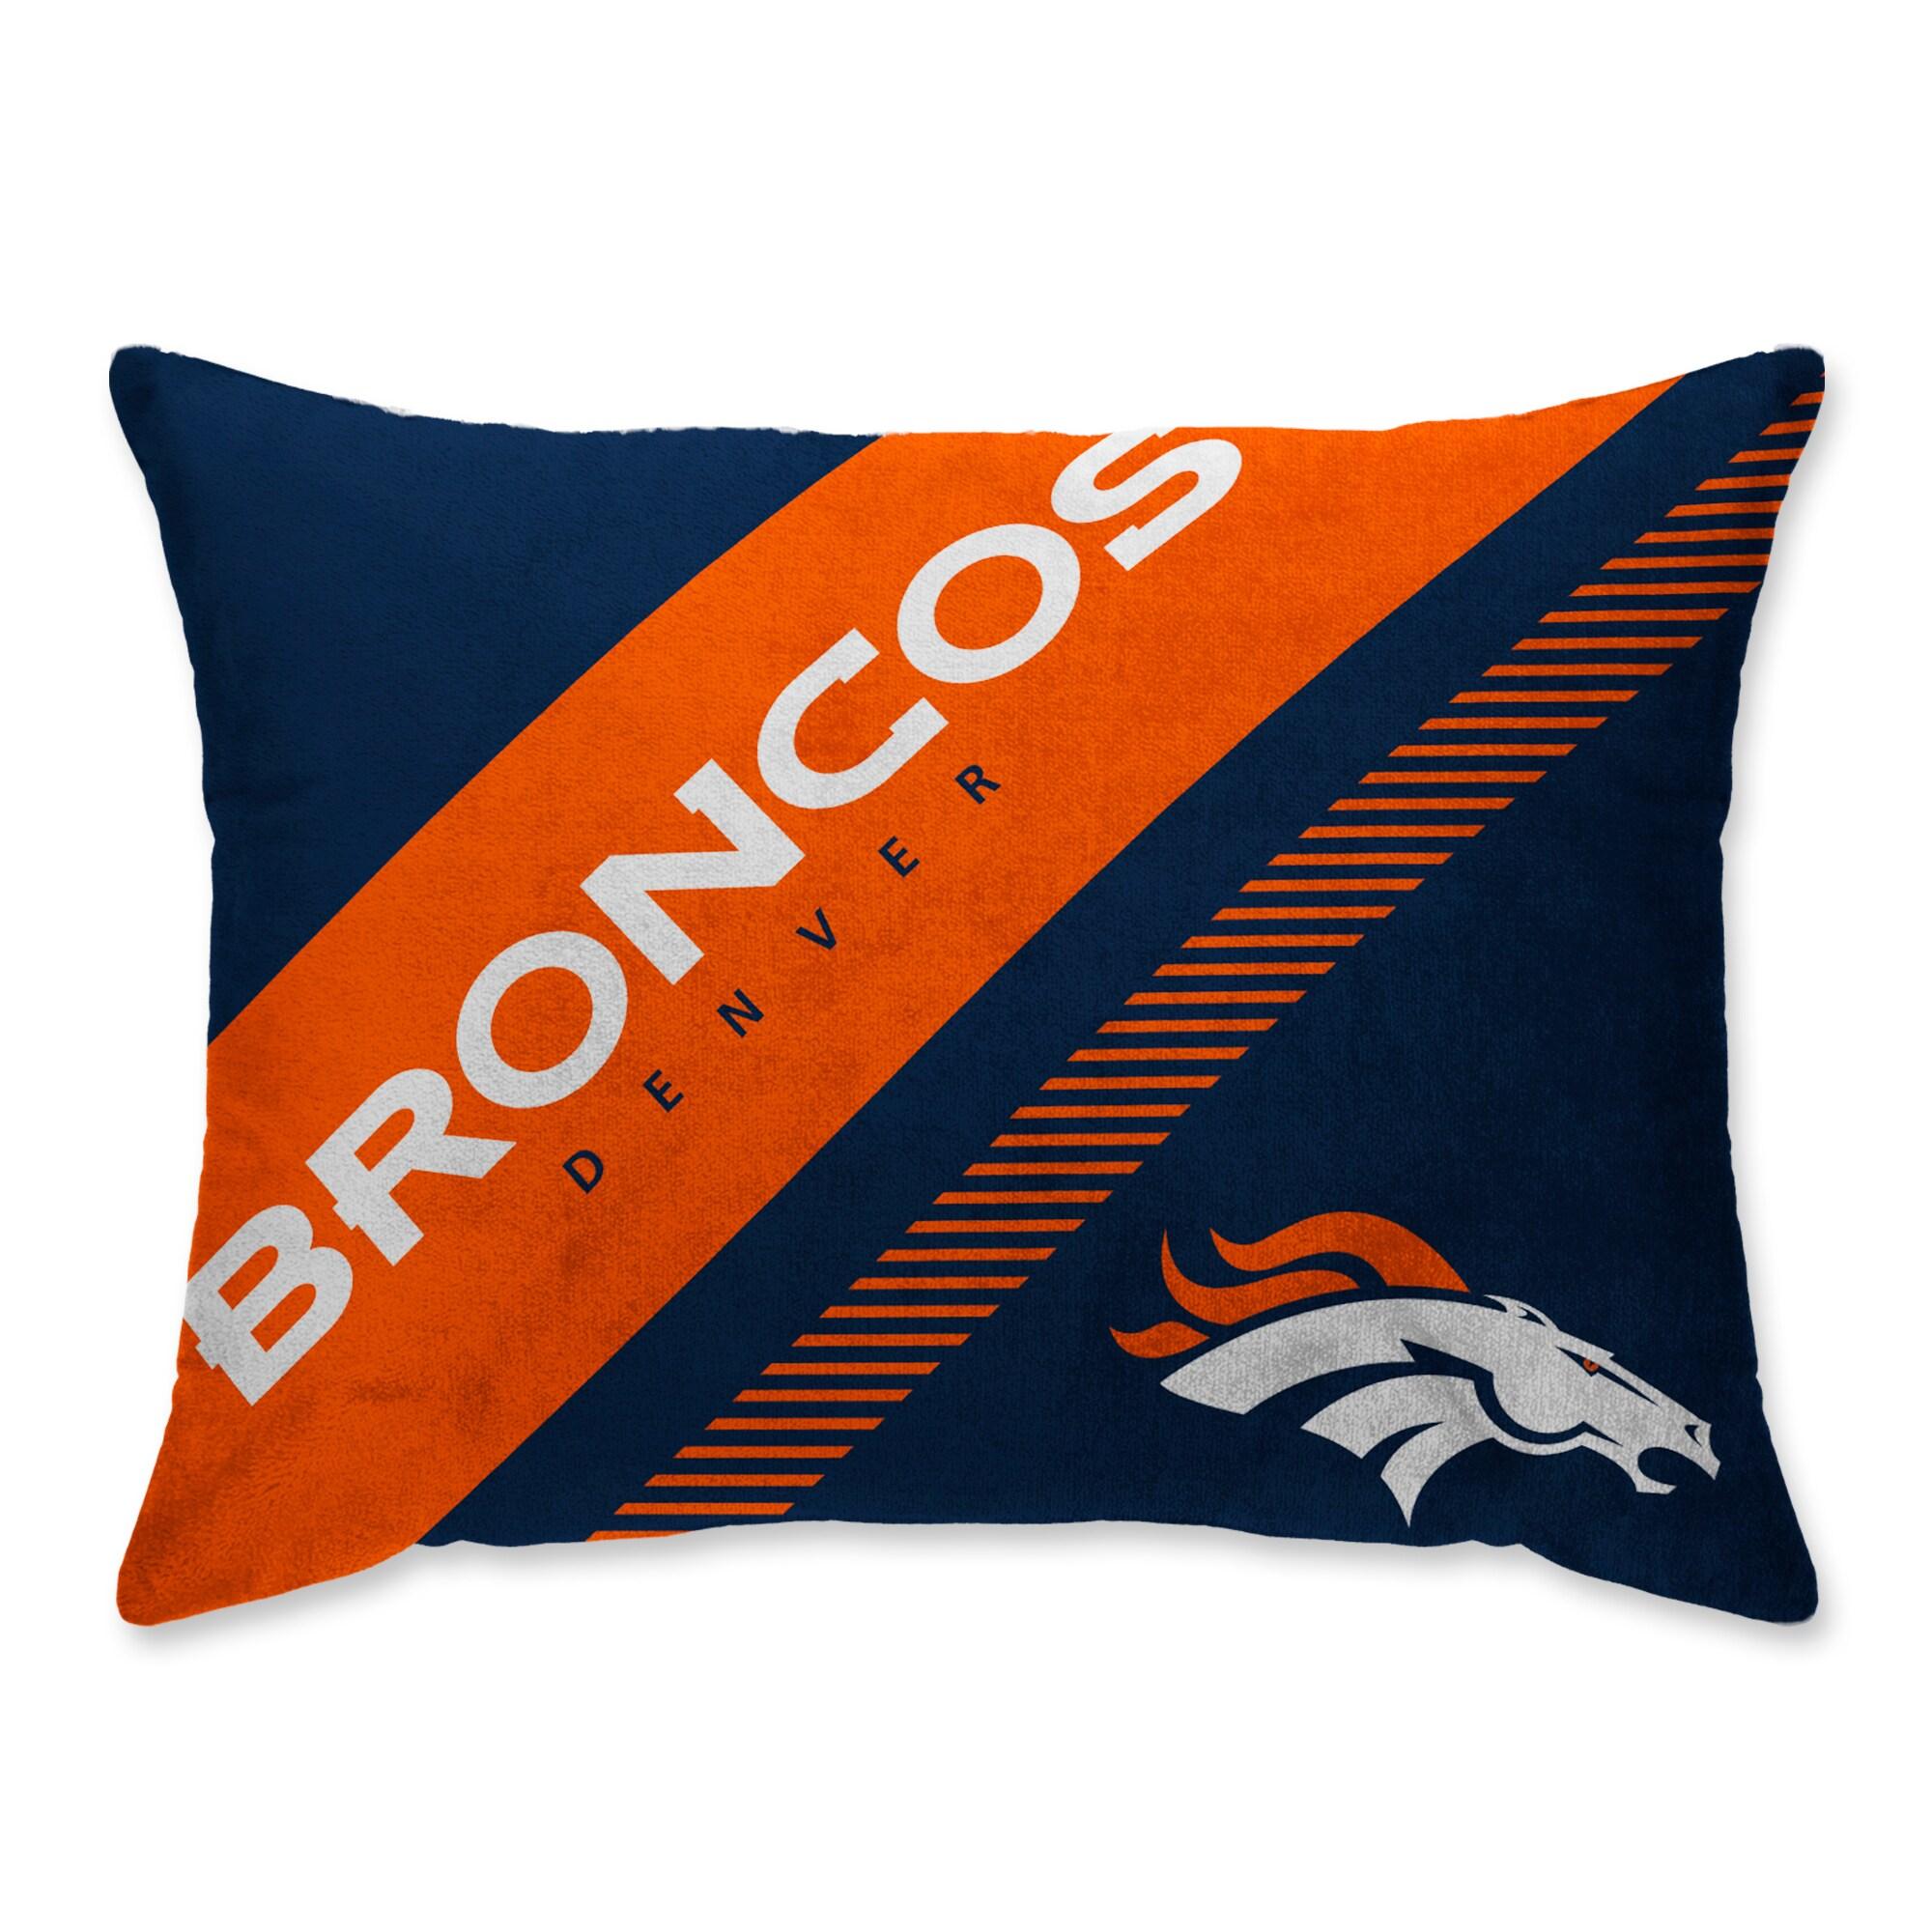 Denver Broncos Super Plush Mink Diagonal Bed Pillow - Blue